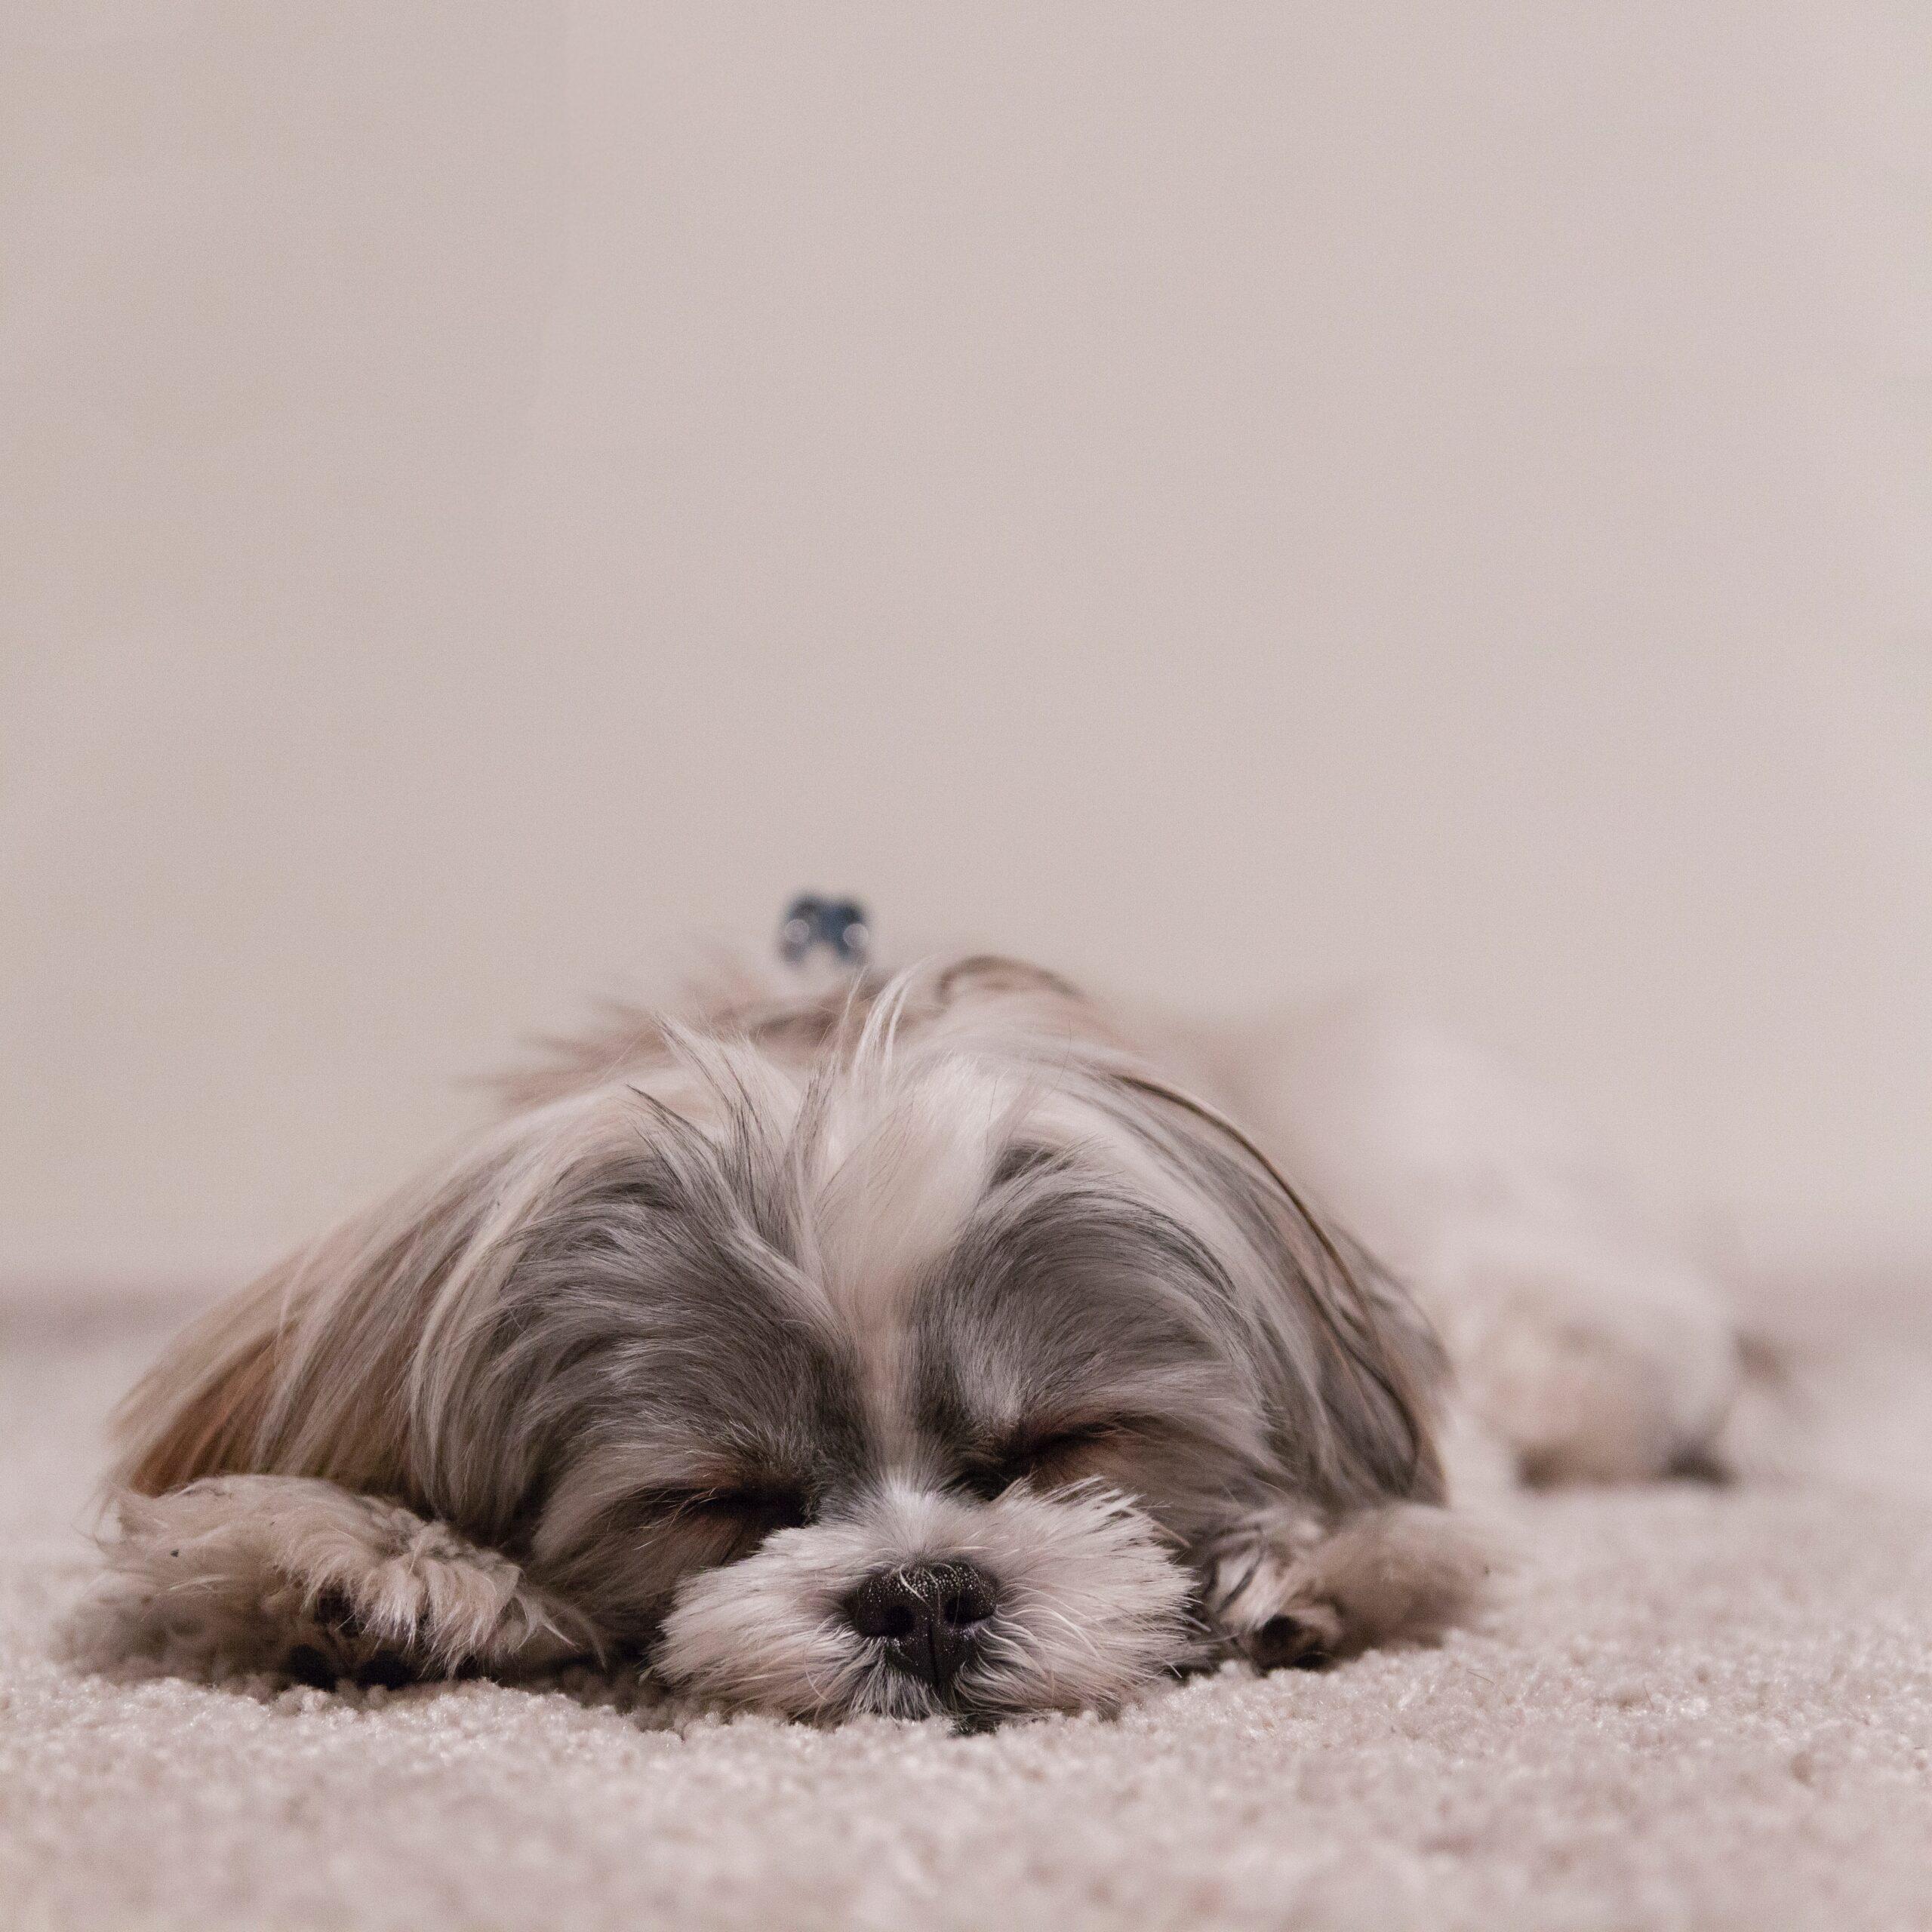 眠るコーギー